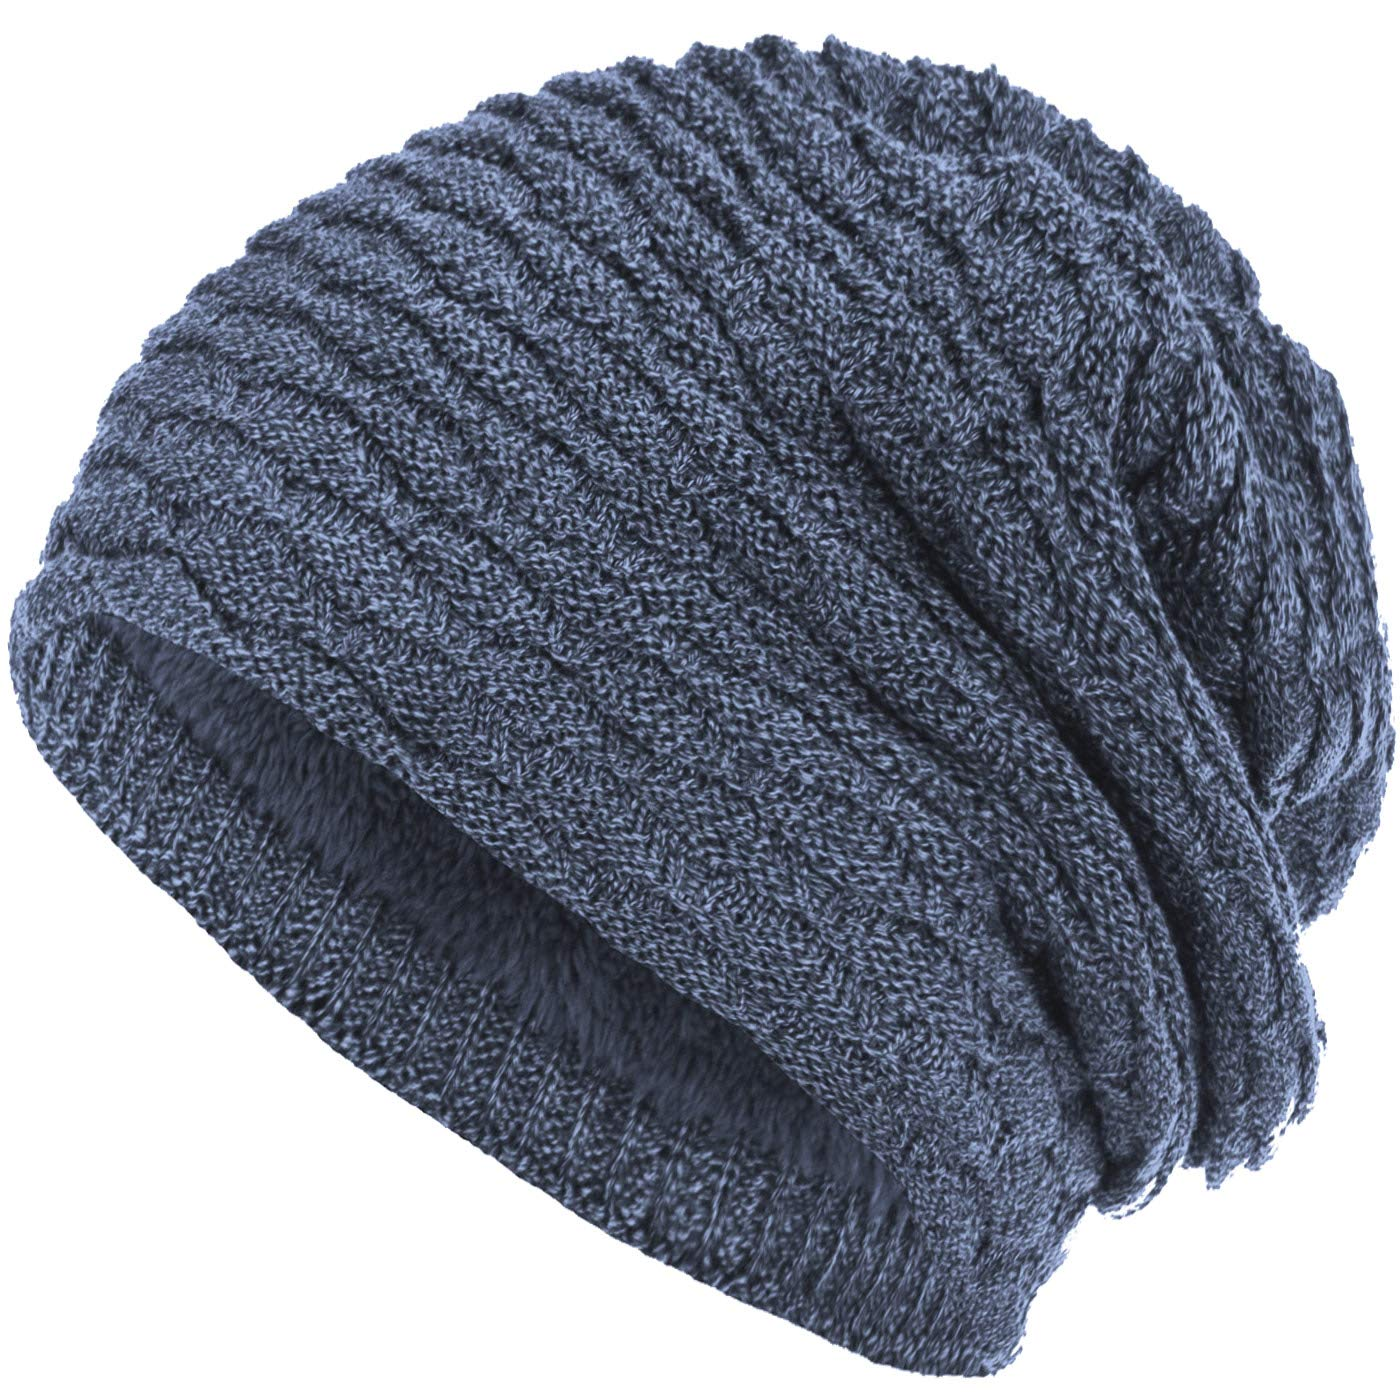 Compagno - Berretto in maglia - Tinta unita - Donna blu jeans taglia unica   Amazon.it  Abbigliamento a7962def74cf